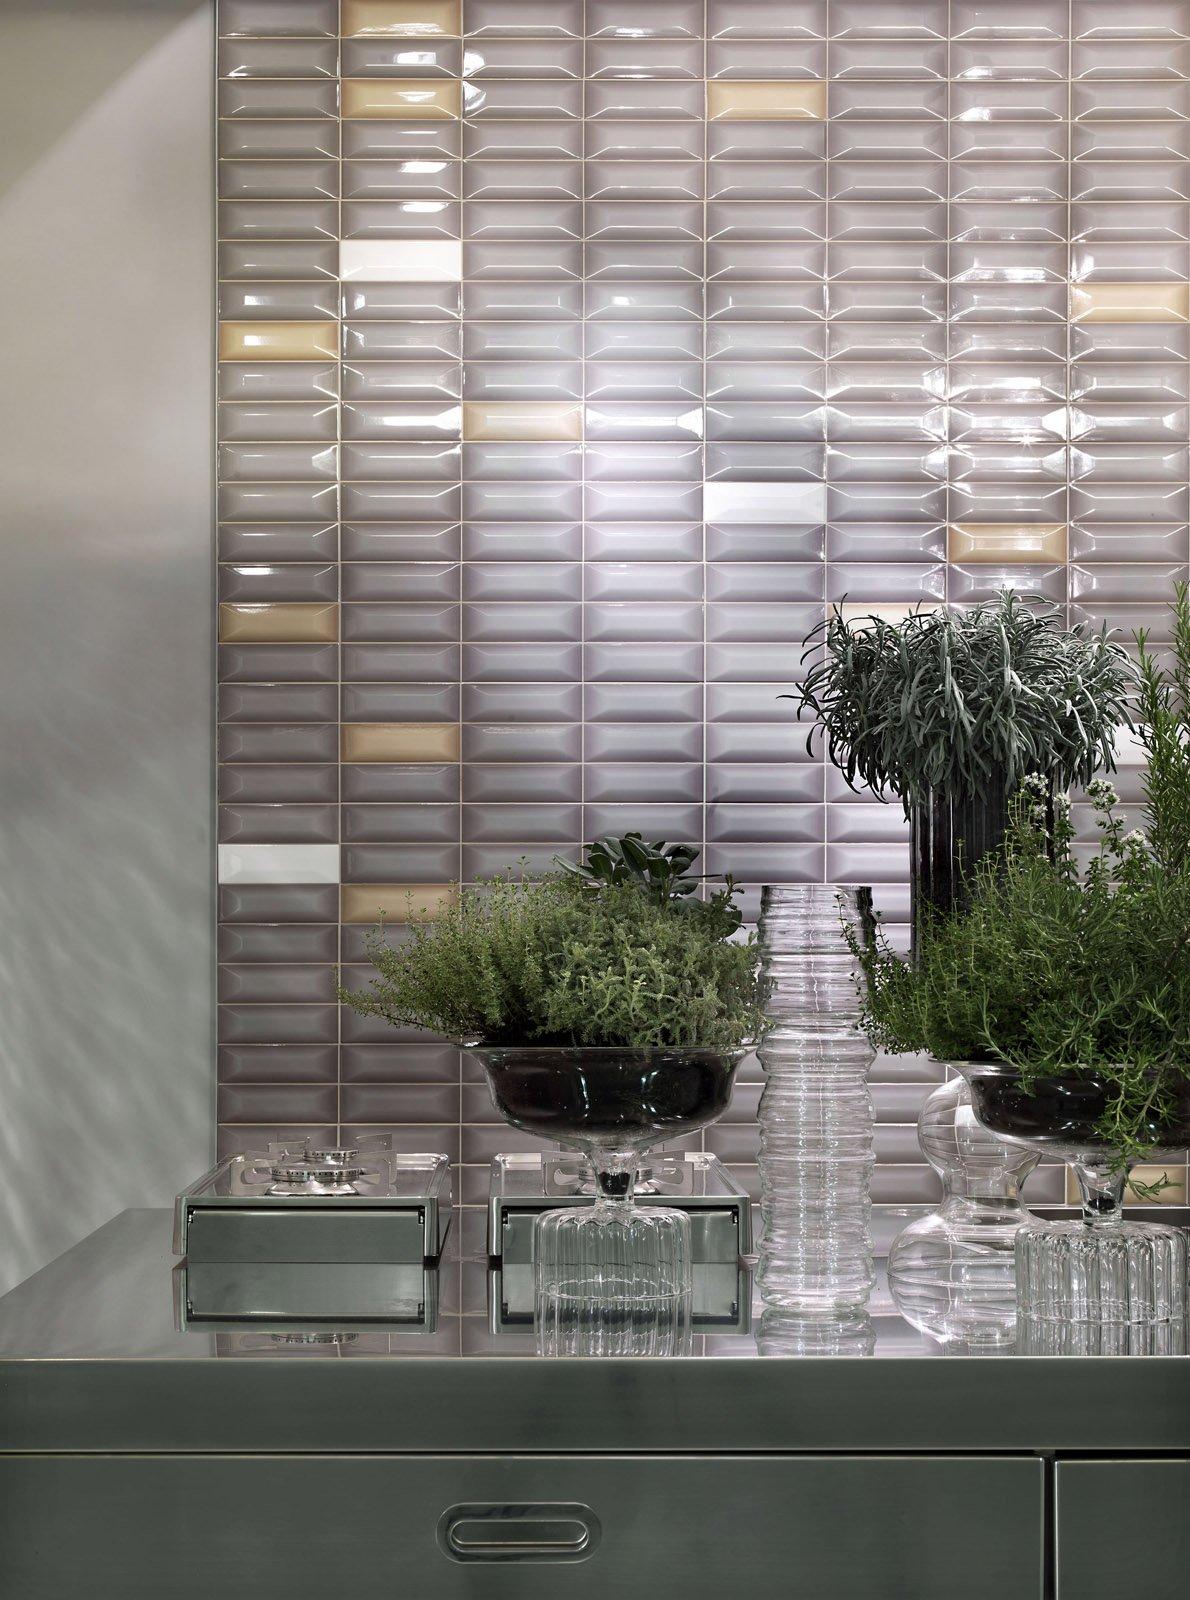 Cucina piastrelle per le pareti cose di casa for Mattonelle per rivestimento cucina